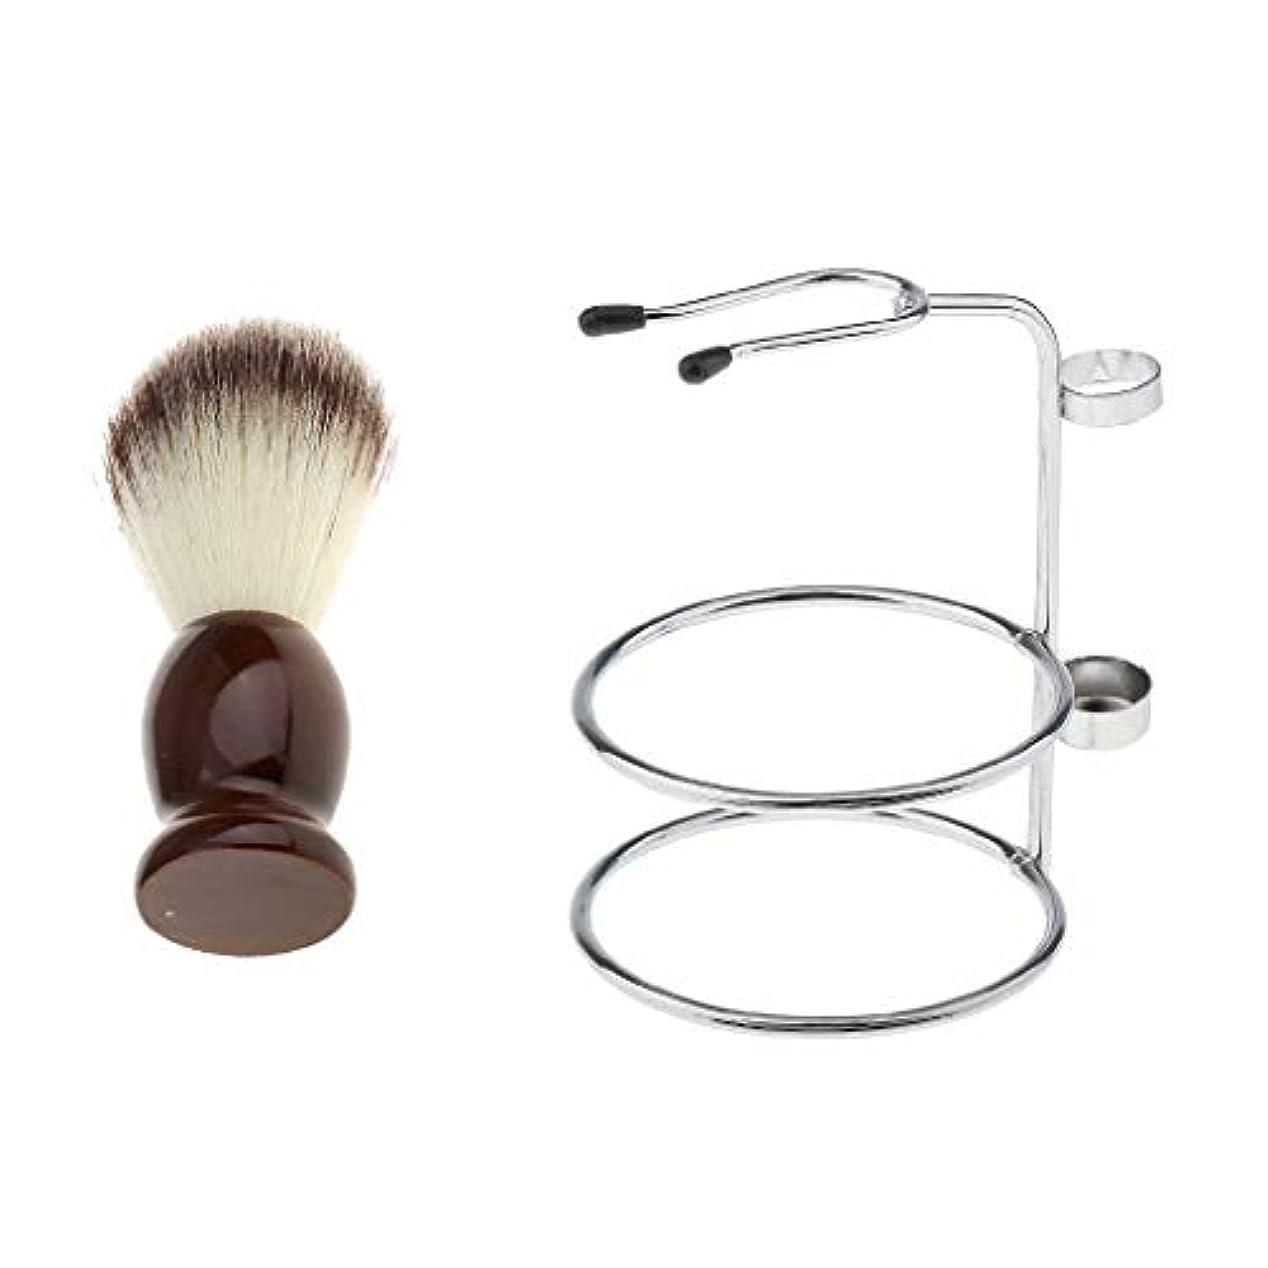 銀にんじん状Baoblaze シェービングブラシ スタンド 髭剃り メンズ プレゼント 快適 ソフト